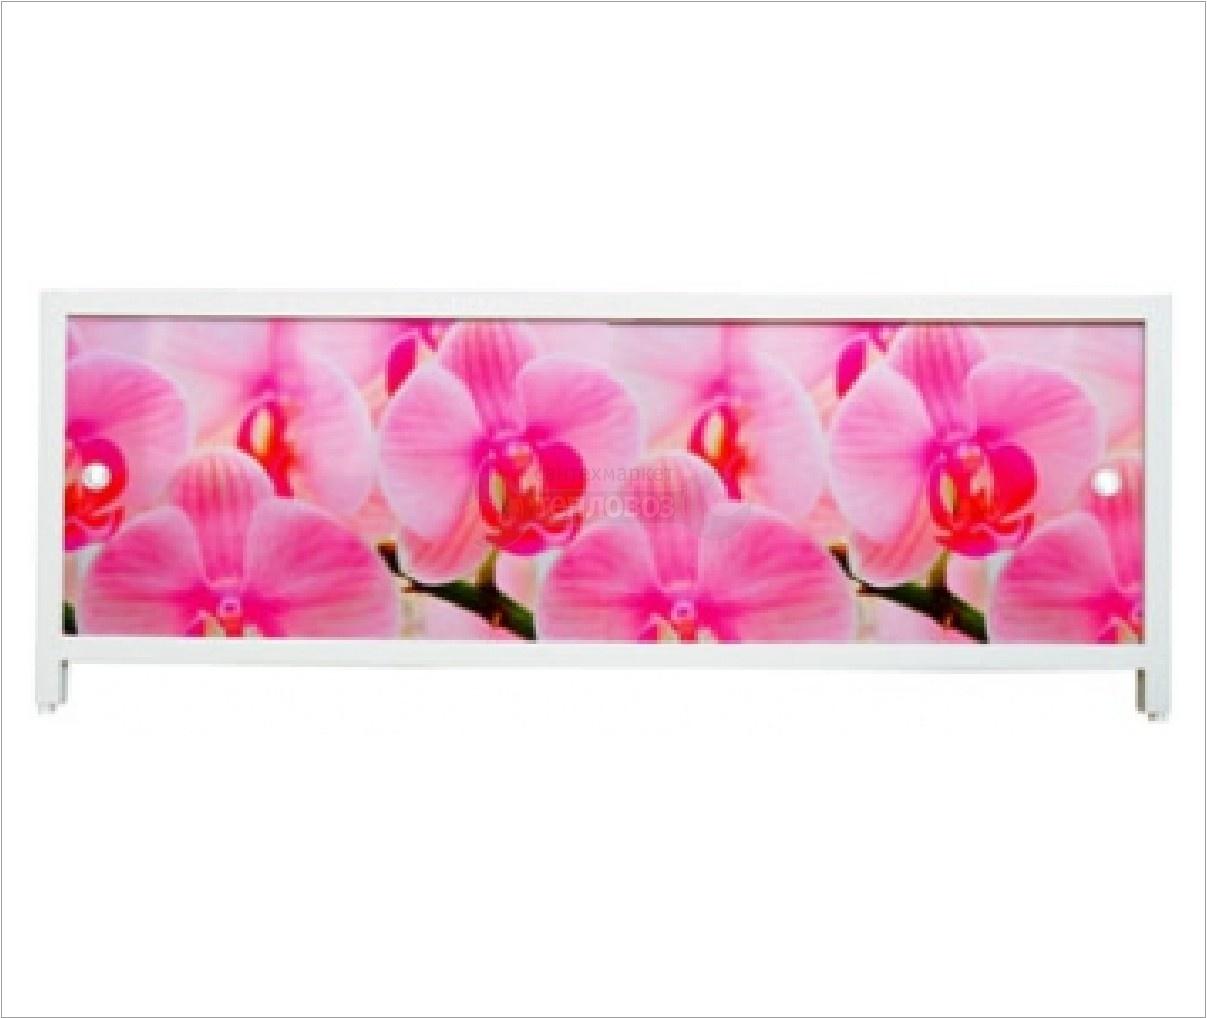 Метакам Ультра-Легкий АРТ, 168 см, дикая орхидея